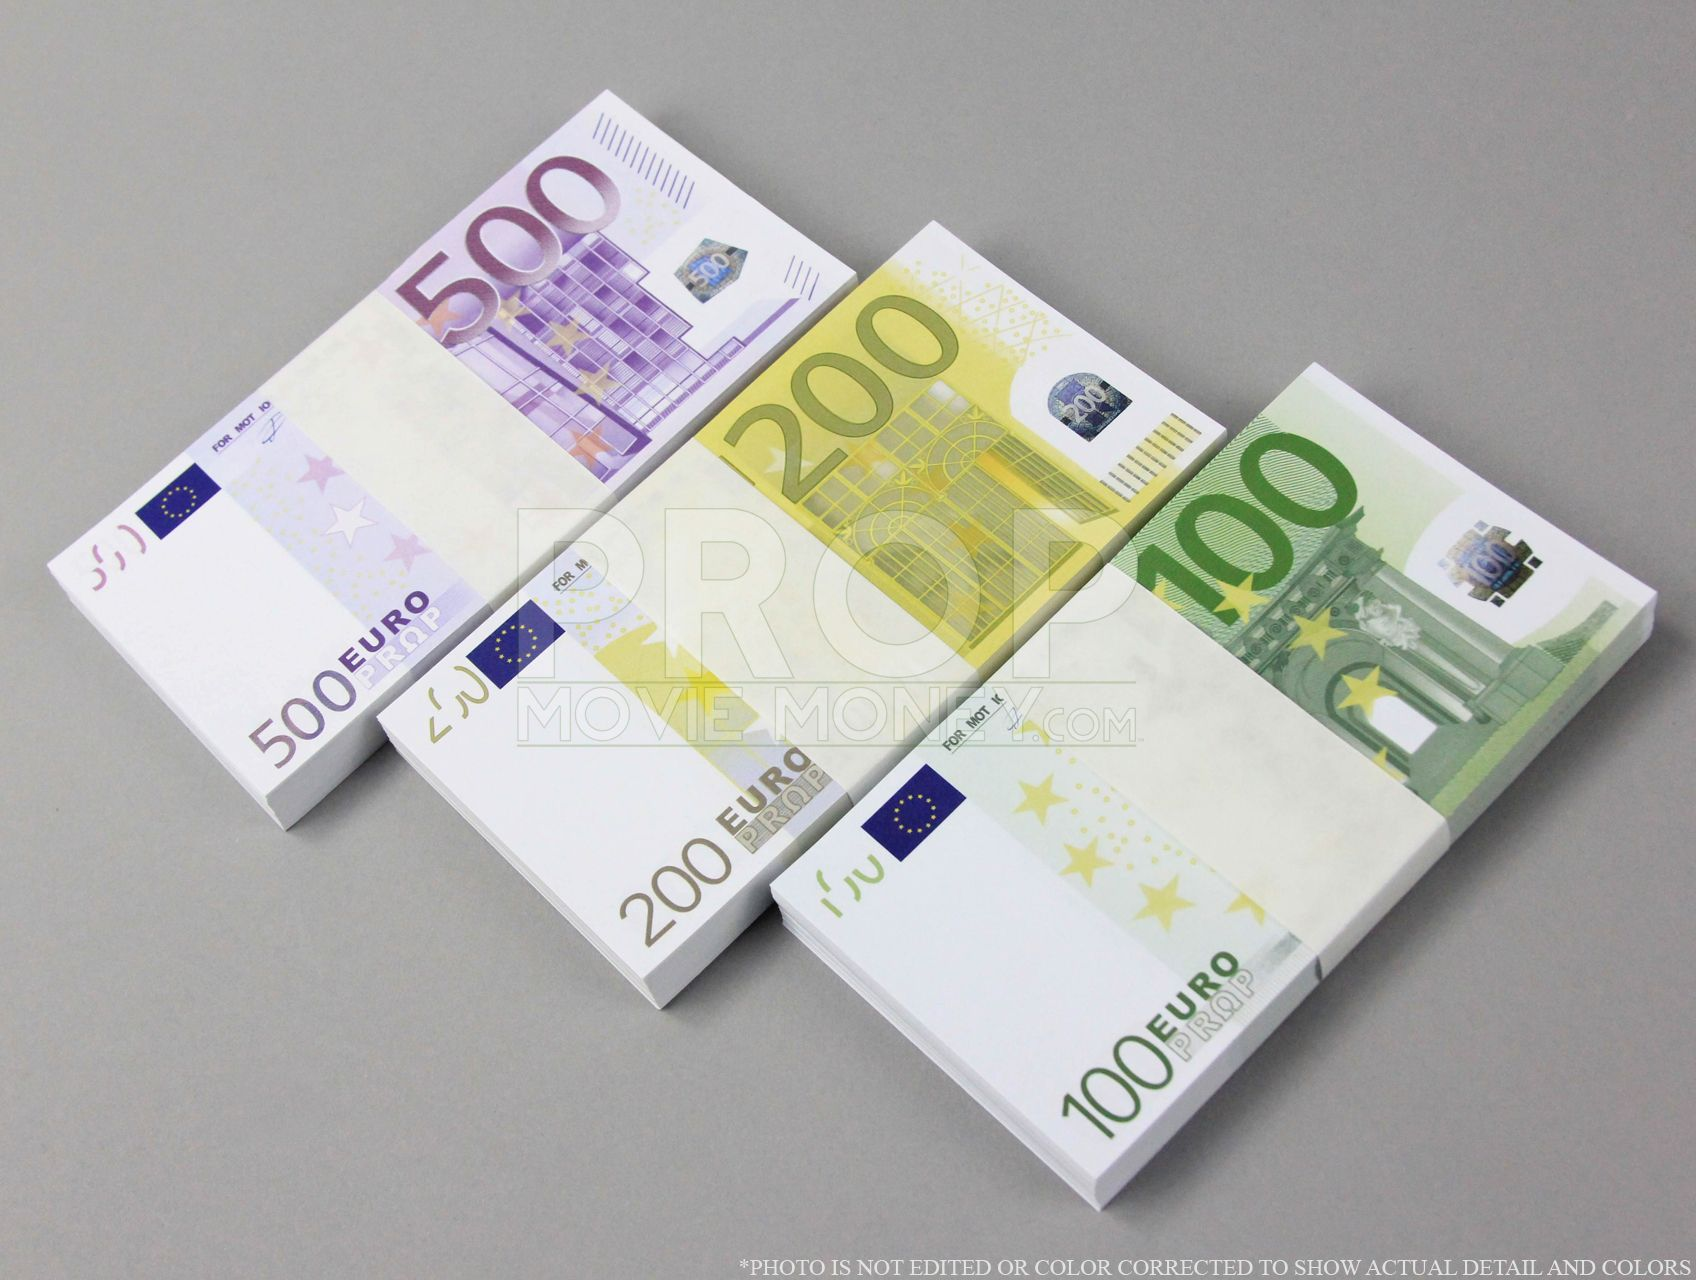 Freemoto - Oferuje pożyczki i inwestycje prywatne od 9 000 do 80 000 000 PLN / EURO